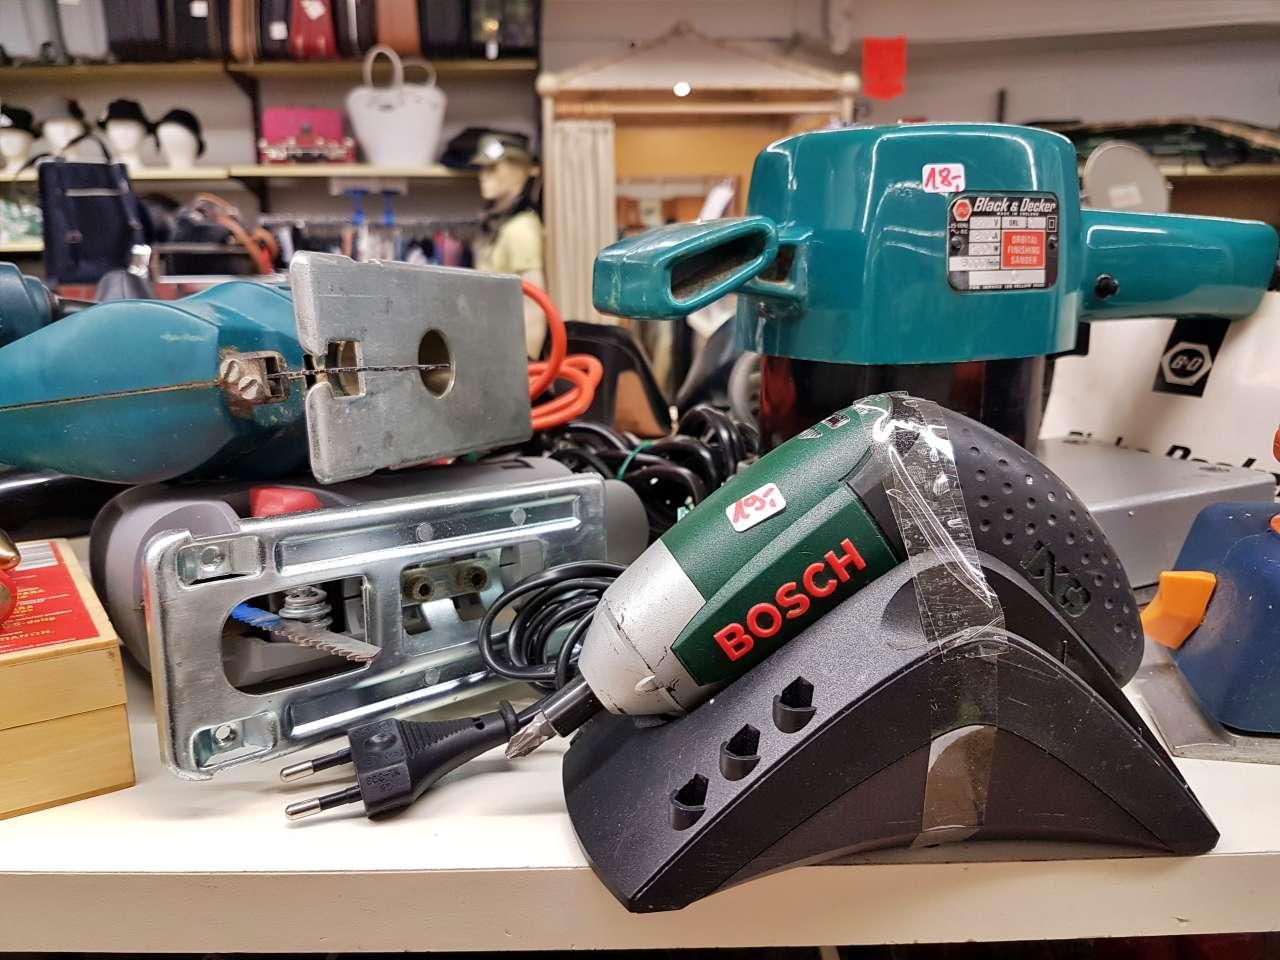 Werkzeuge Elektrowerkzeuge große Auswahl